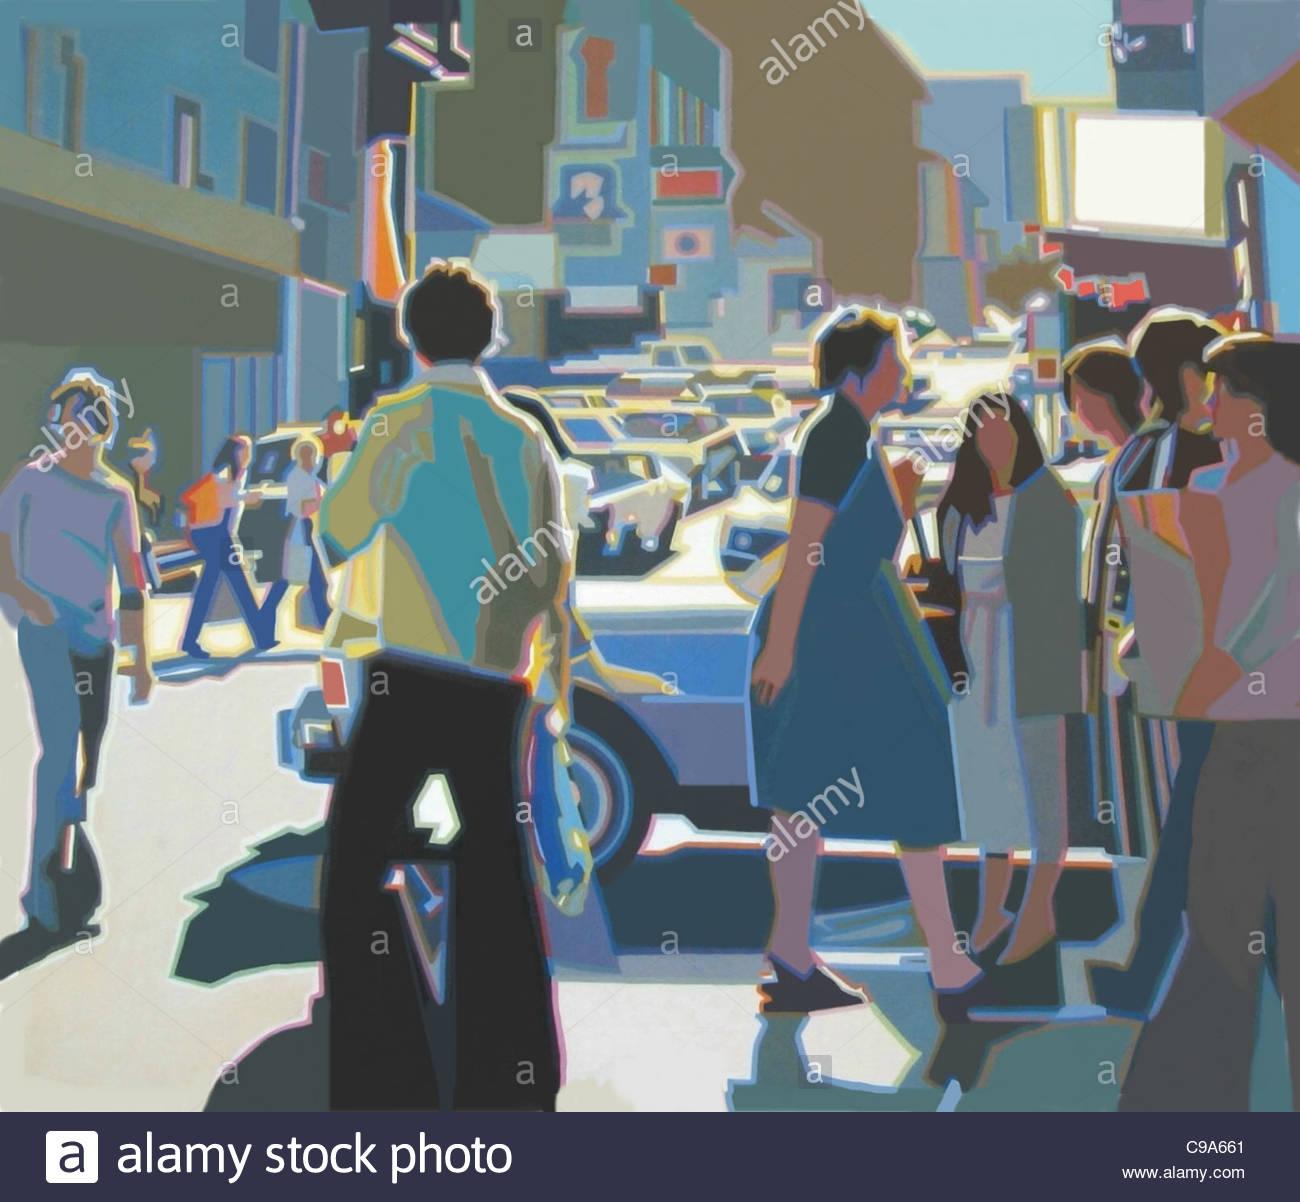 Stadt Stadt der Usa städtische Urbanität Städte Stadt Stadt Intercity urbanen städtischen urb Stockbild